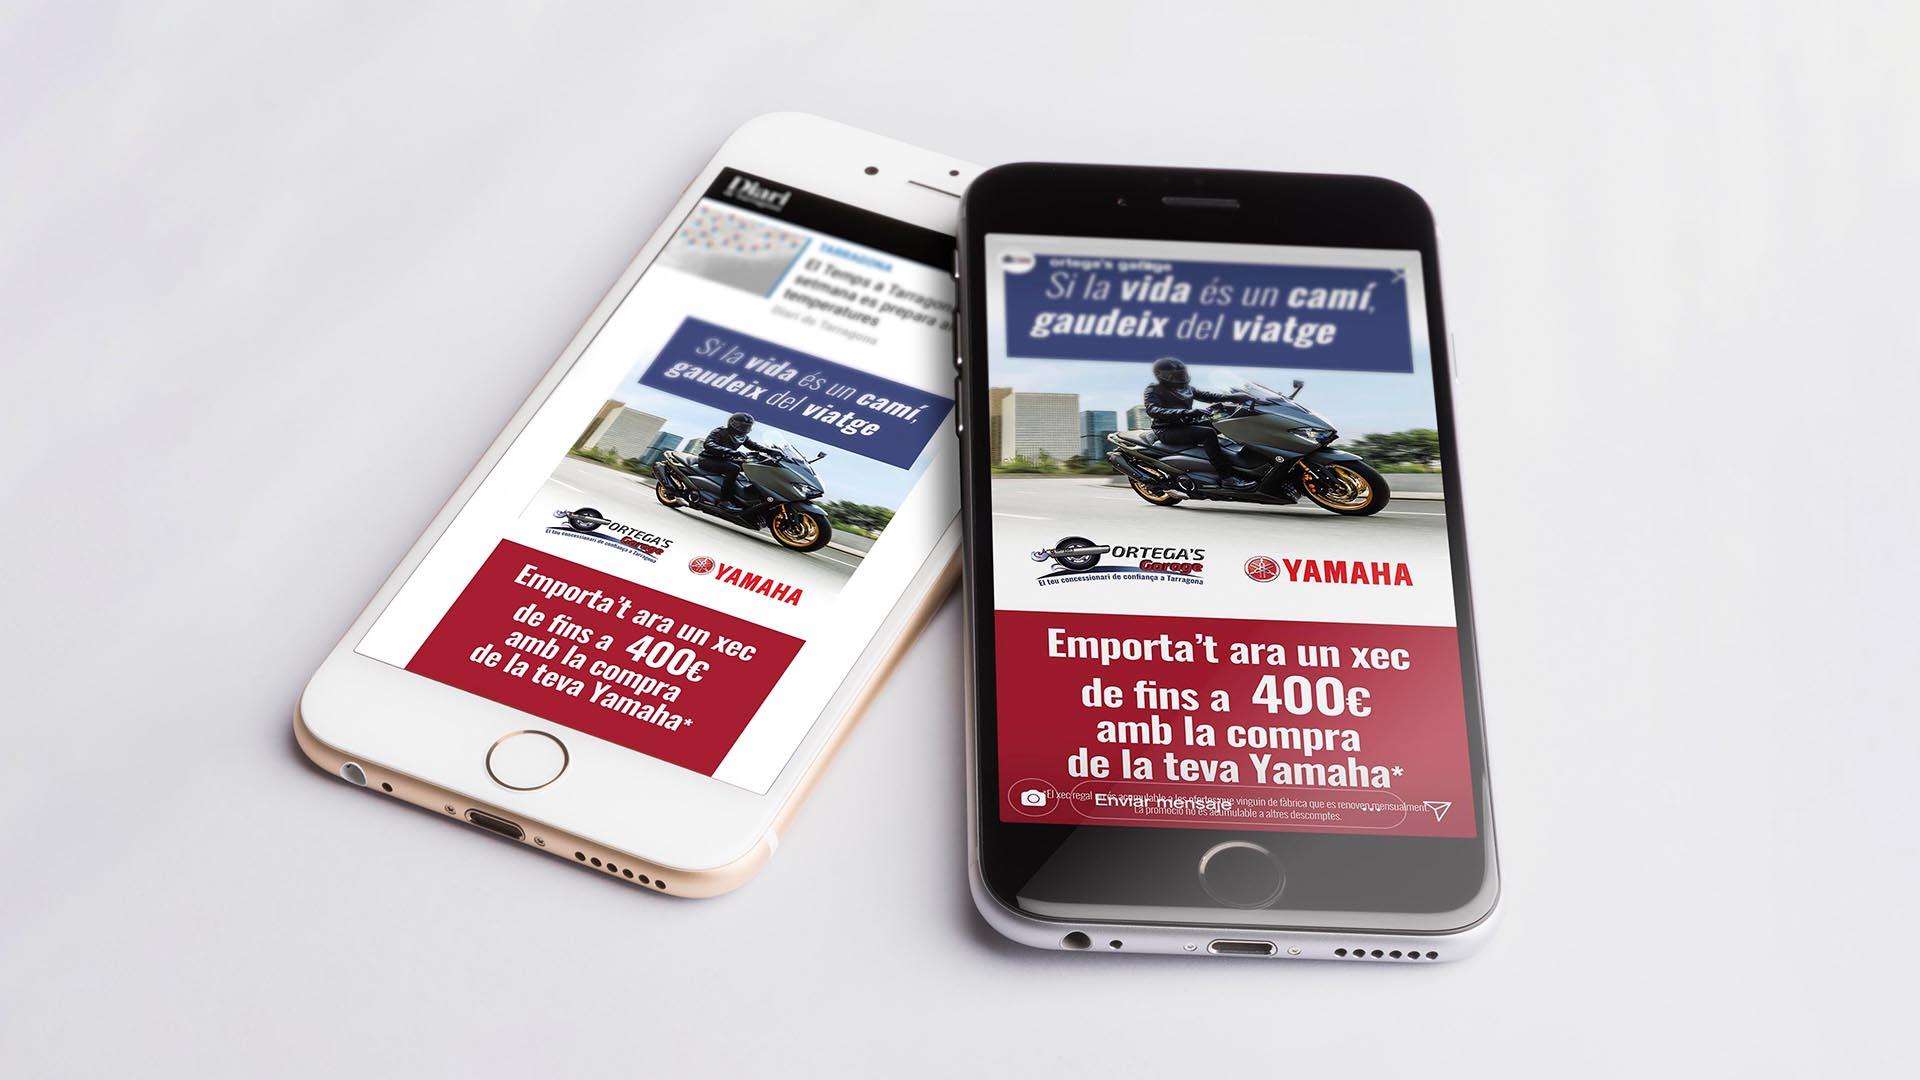 Campaña de Marketing Online y Publicidad en Autobuses en Tarragona